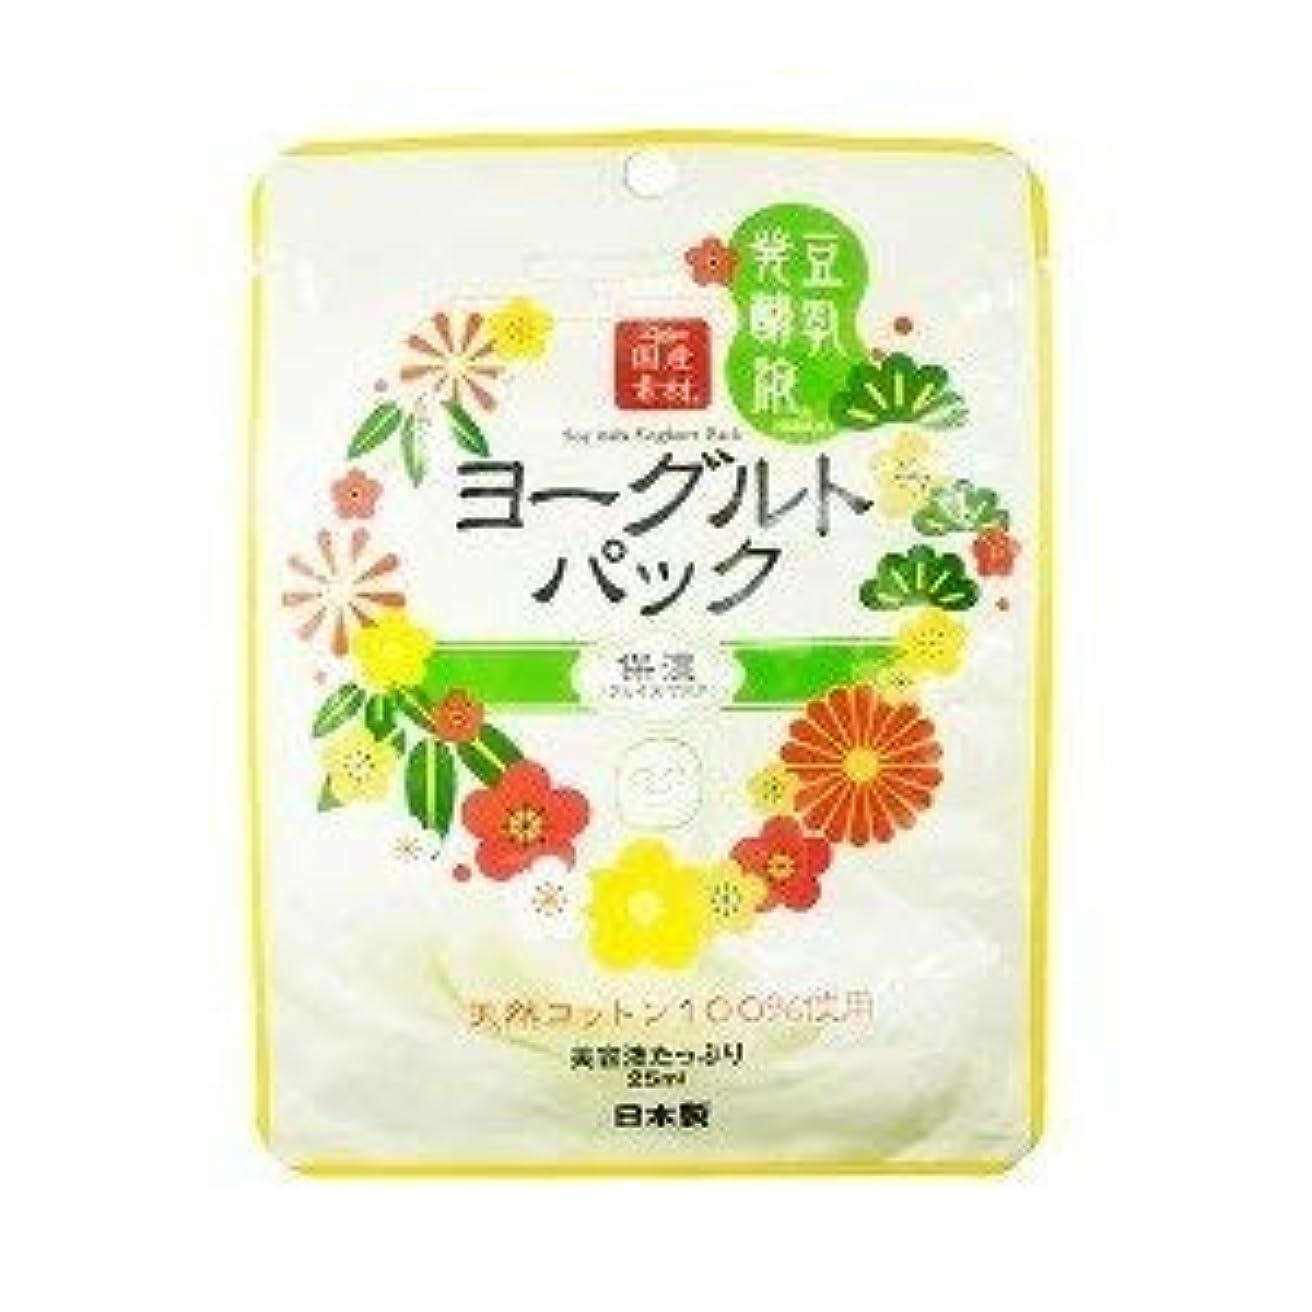 密ゆり規範【6枚セット】リシャン フェイスマスクYG ヨーグルトの香り 1枚入